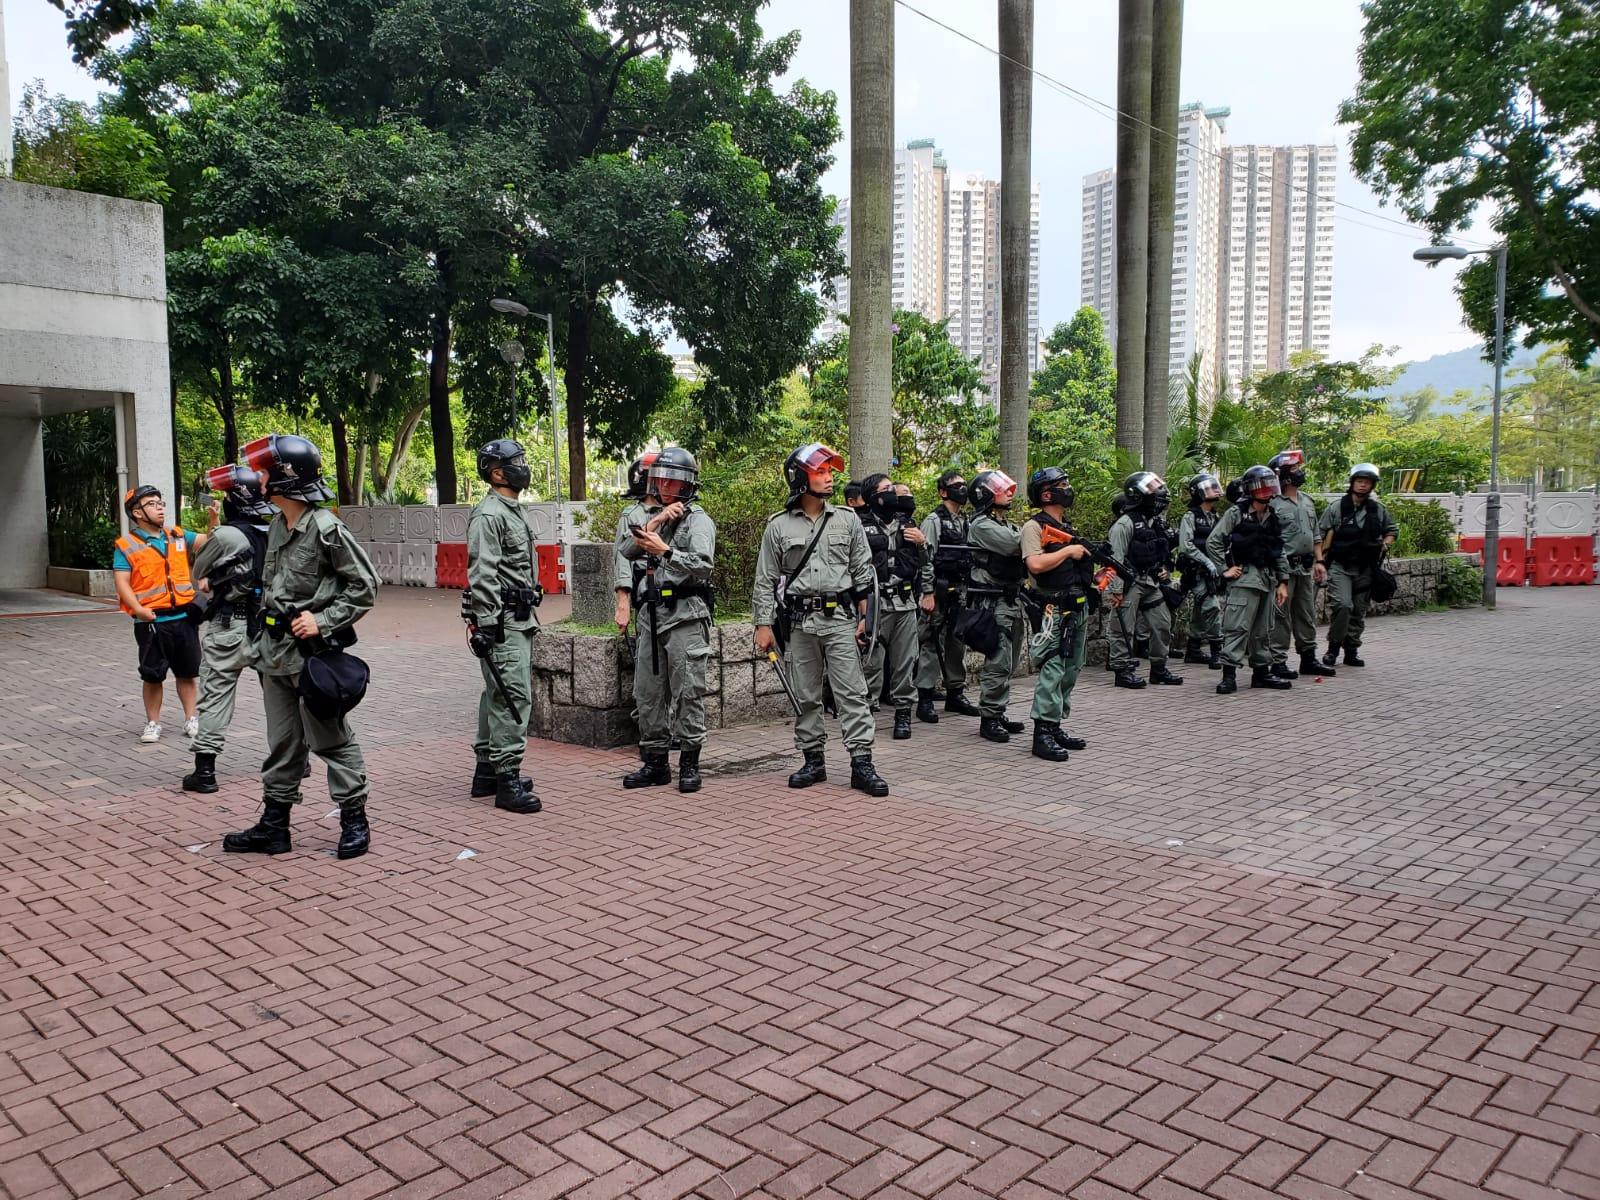 【修例风波】大埔防暴警一度举蓝旗举枪 最少四人被捕包括一名中四学生